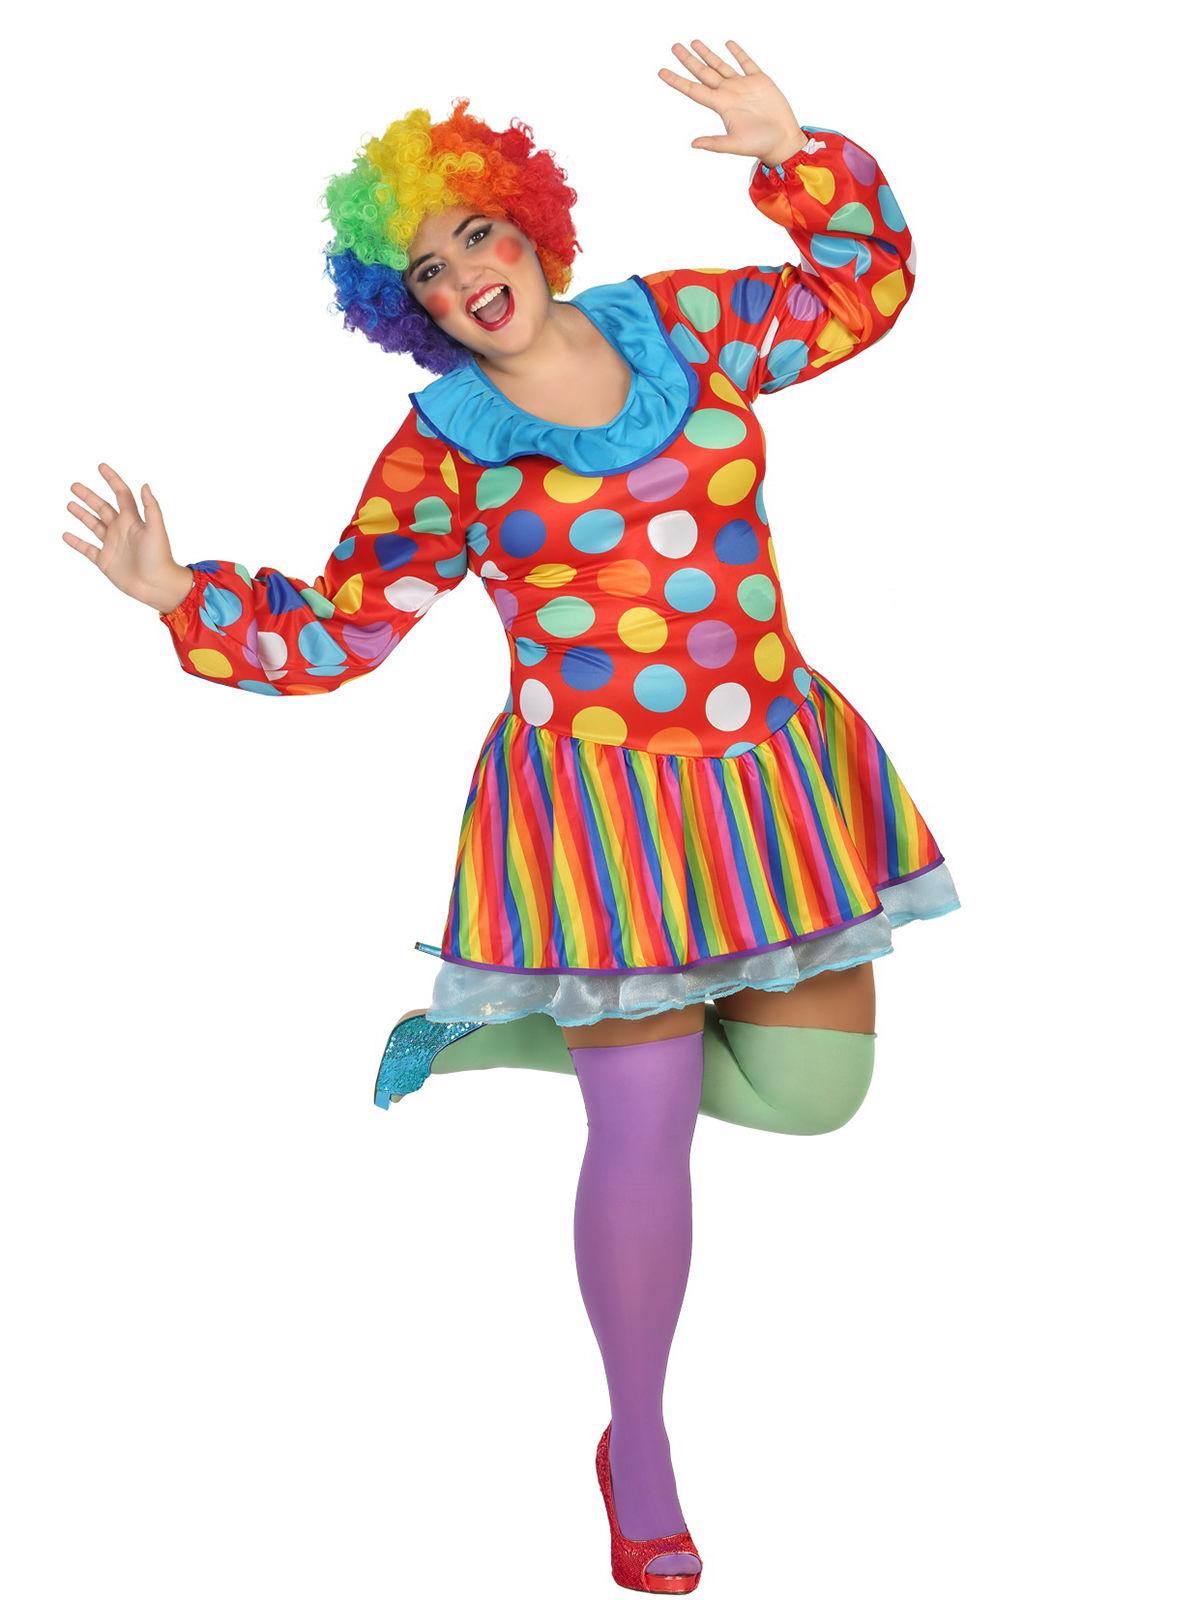 lustige clownfrau zirkus damenkost m plus size bunt g nstige faschings kost me bei karneval. Black Bedroom Furniture Sets. Home Design Ideas